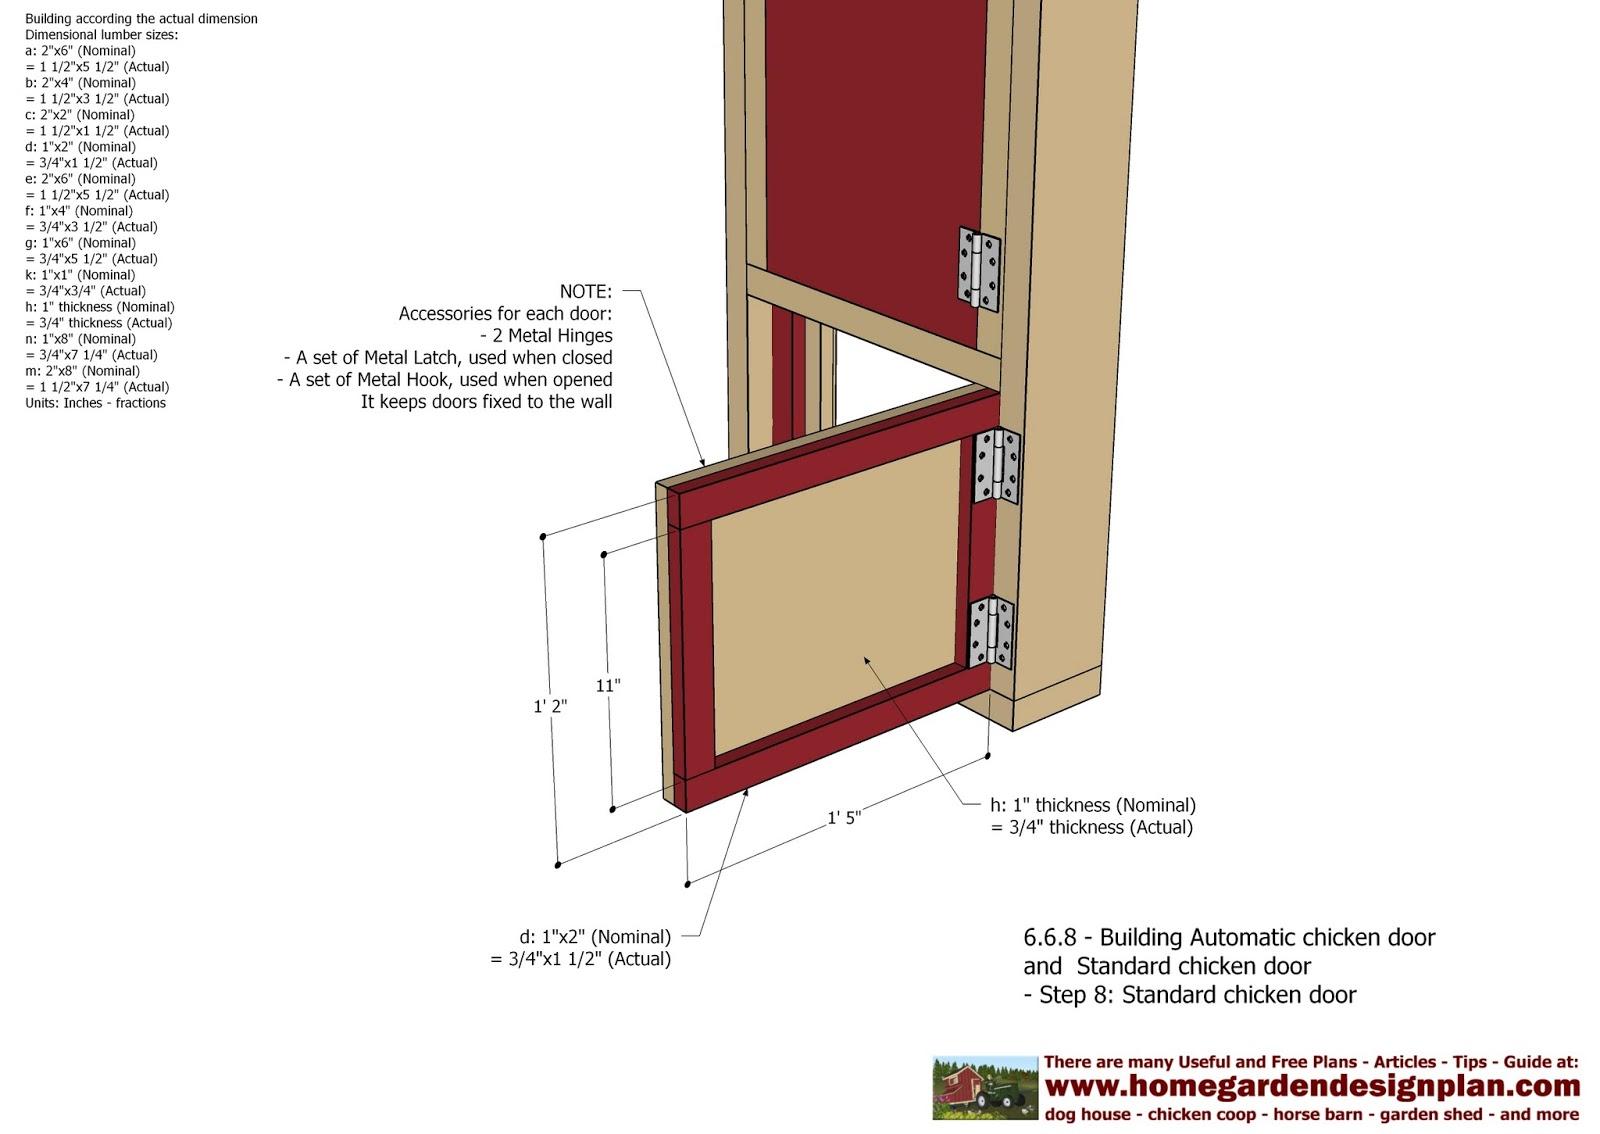 Diy Automatic Chicken Coop Door Plans Automatic Chicken Coop Door